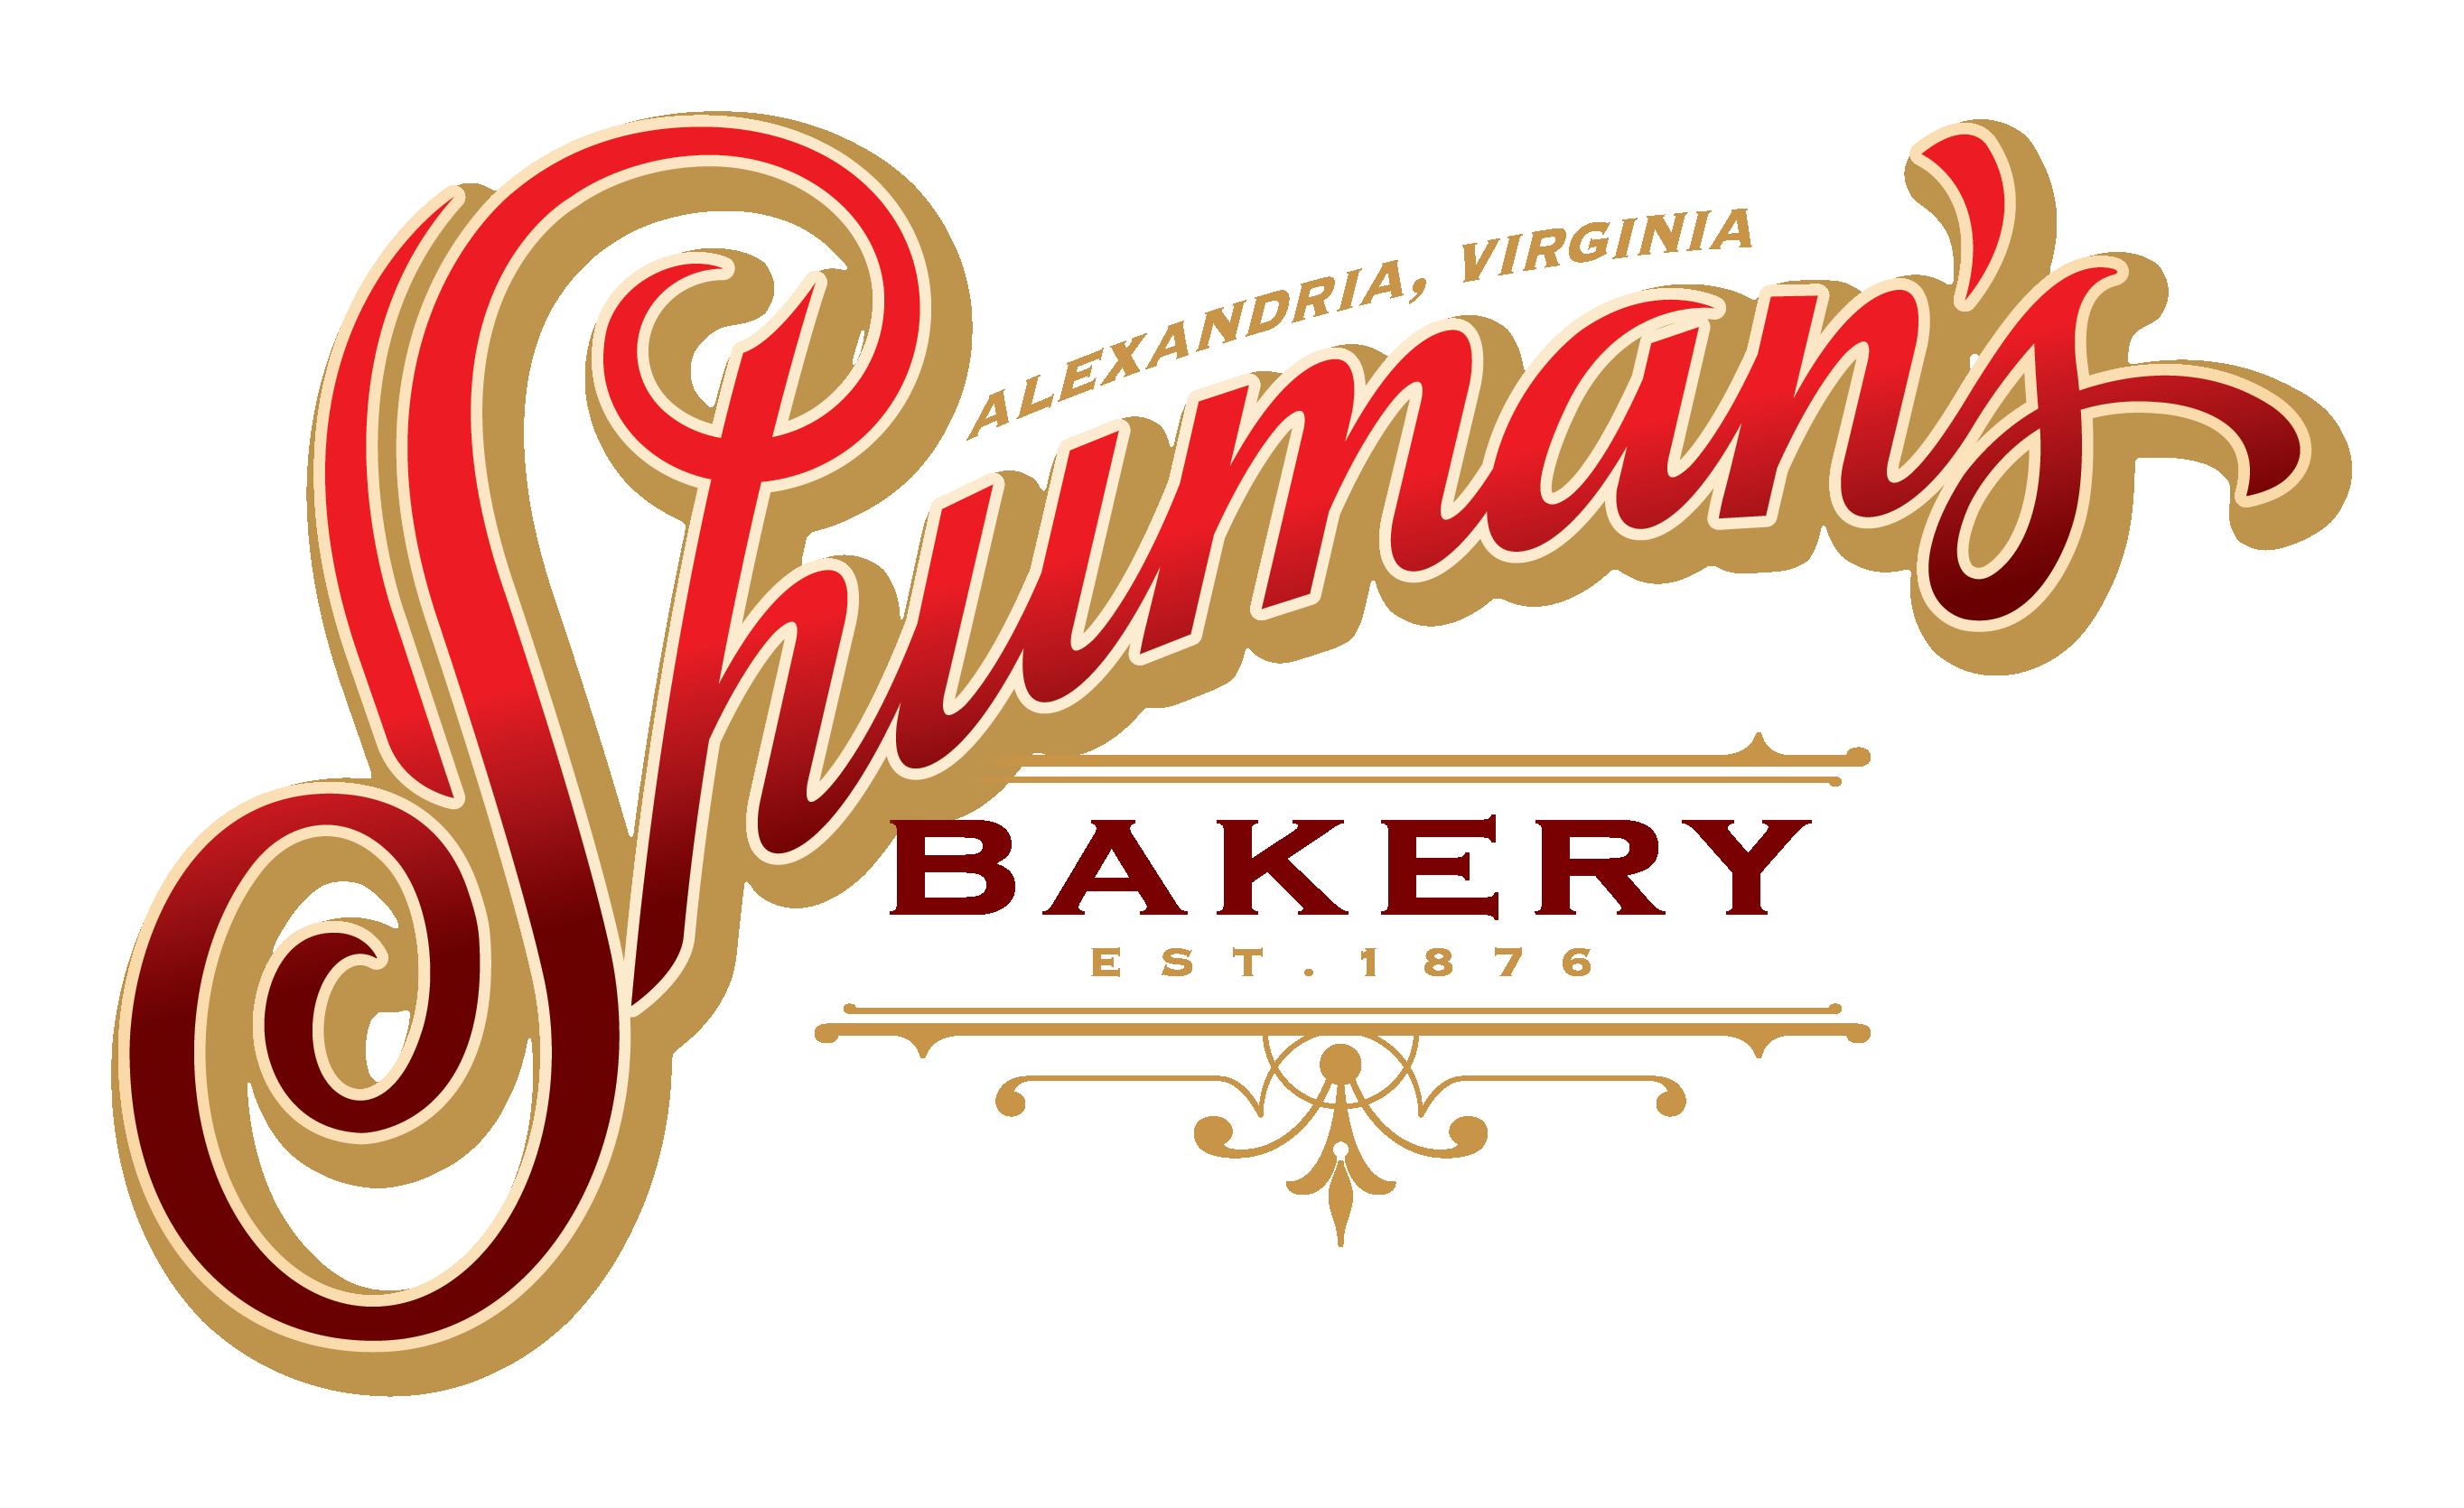 Shuman's Bakery